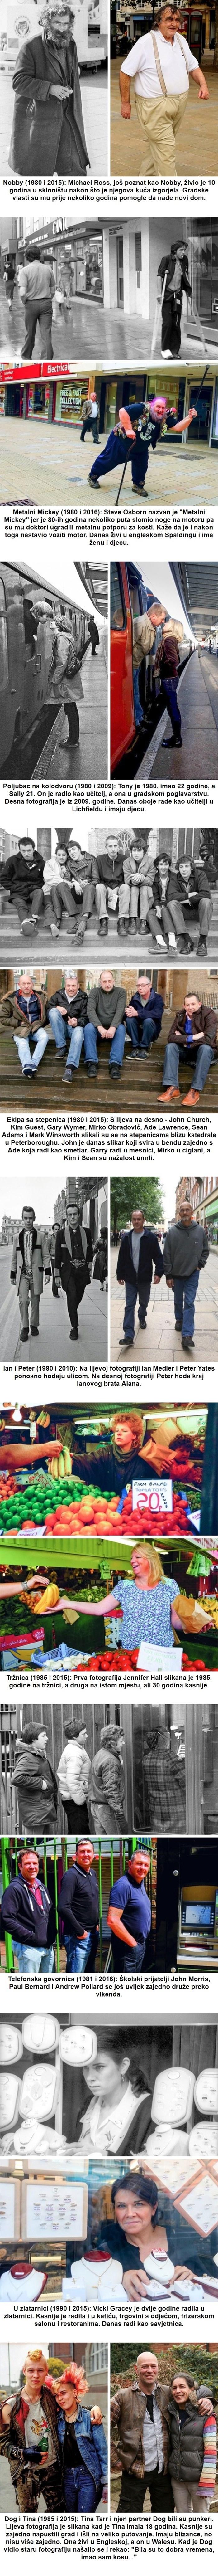 Fotograf je našao ljude koje je slikao prije više od 20 godina, primijetio je zanimljive promjene